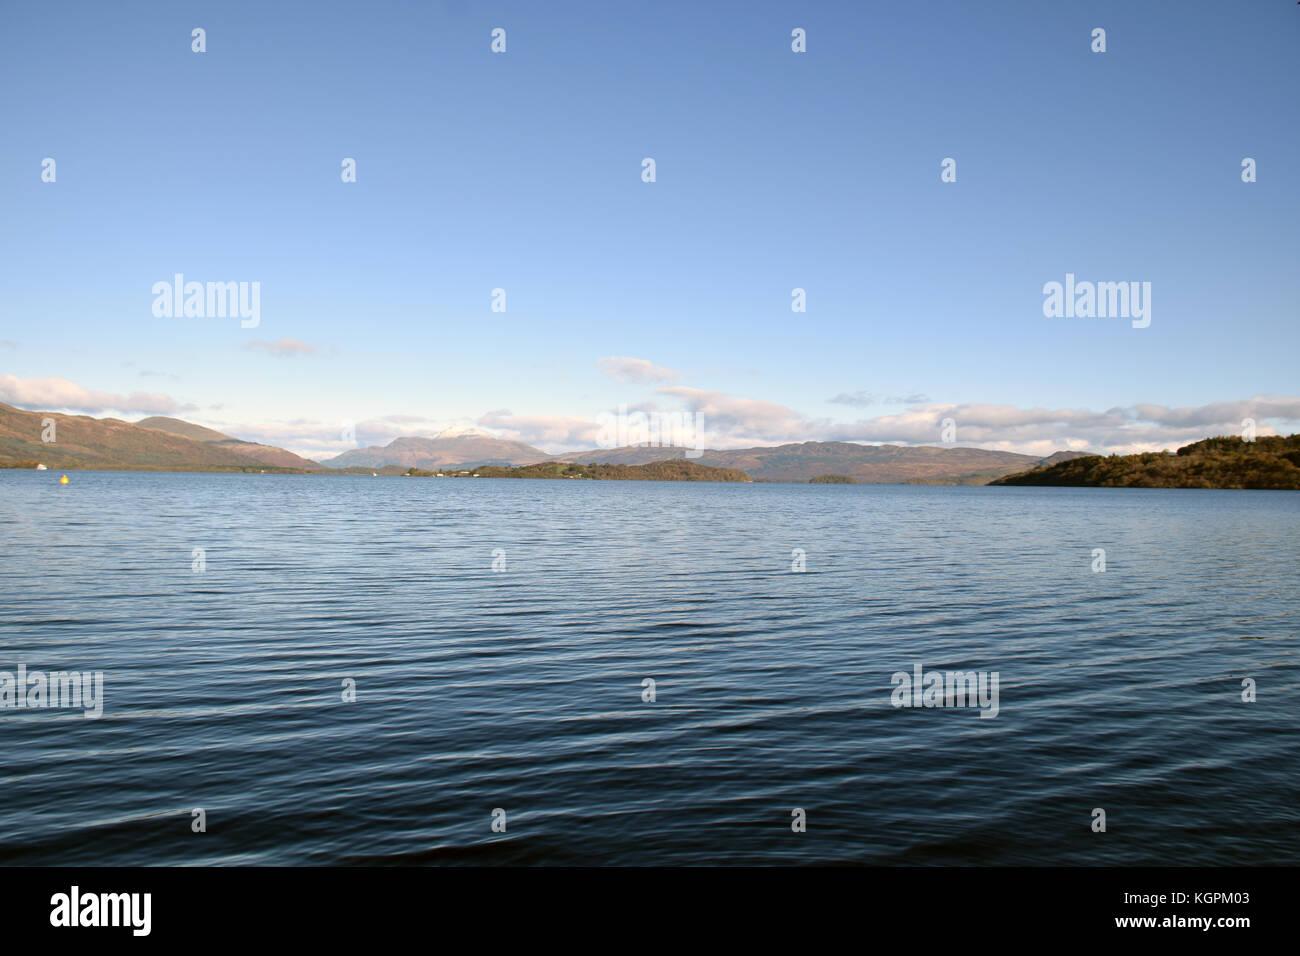 Loch Lomond - snow on Ben Lomond in the background, Scotland Stock Photo